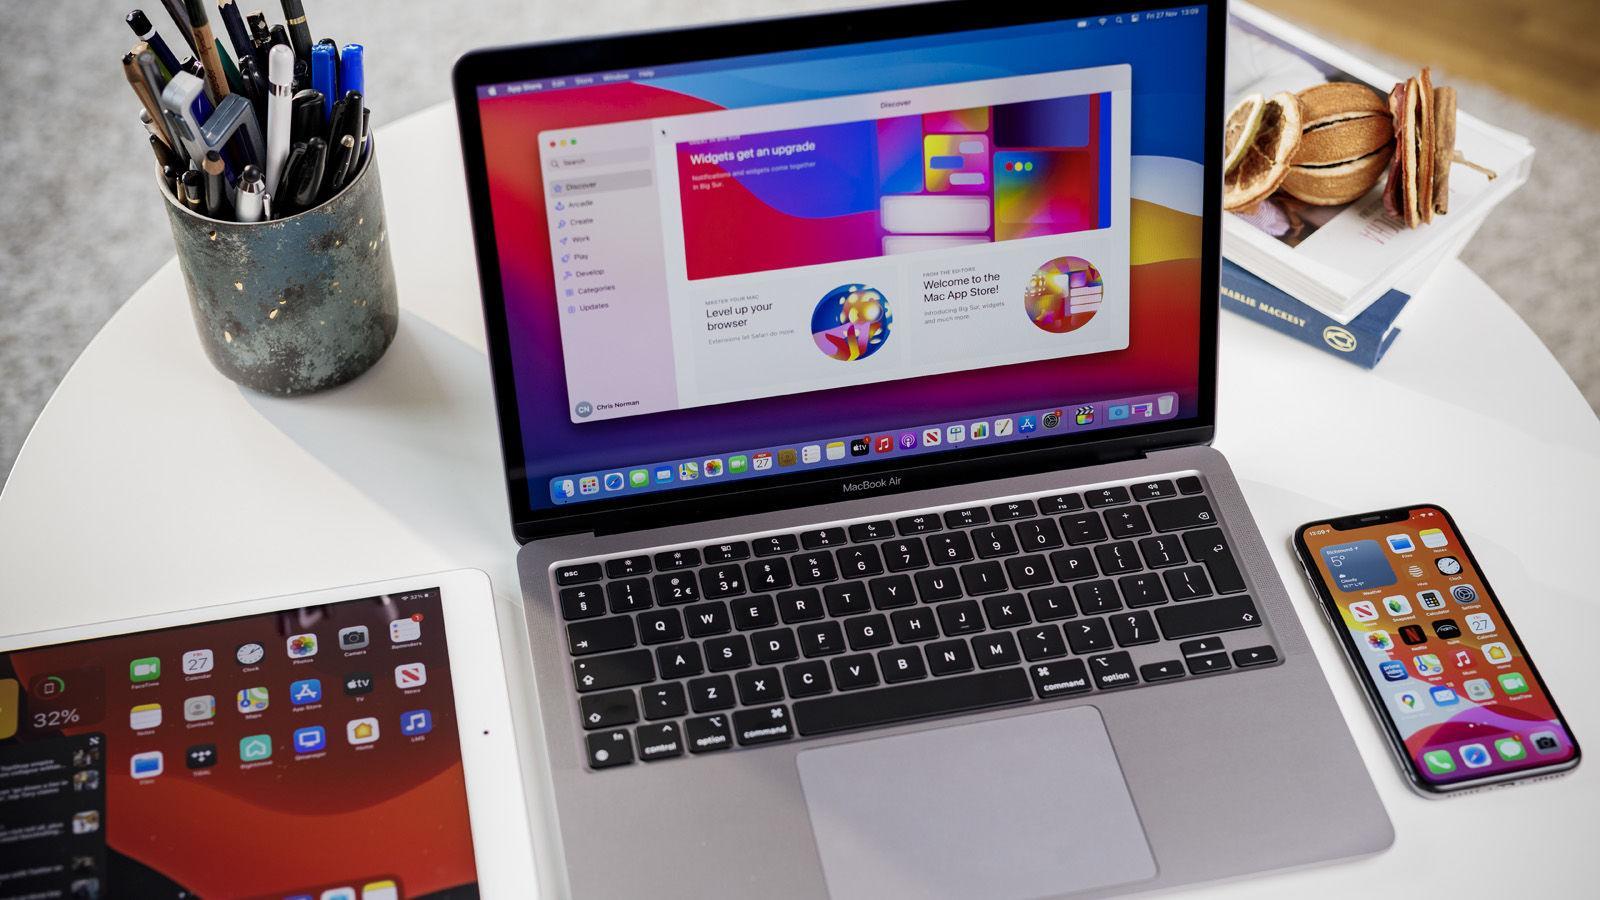 apple_macbook_air_m1_2020_review_37_thumb